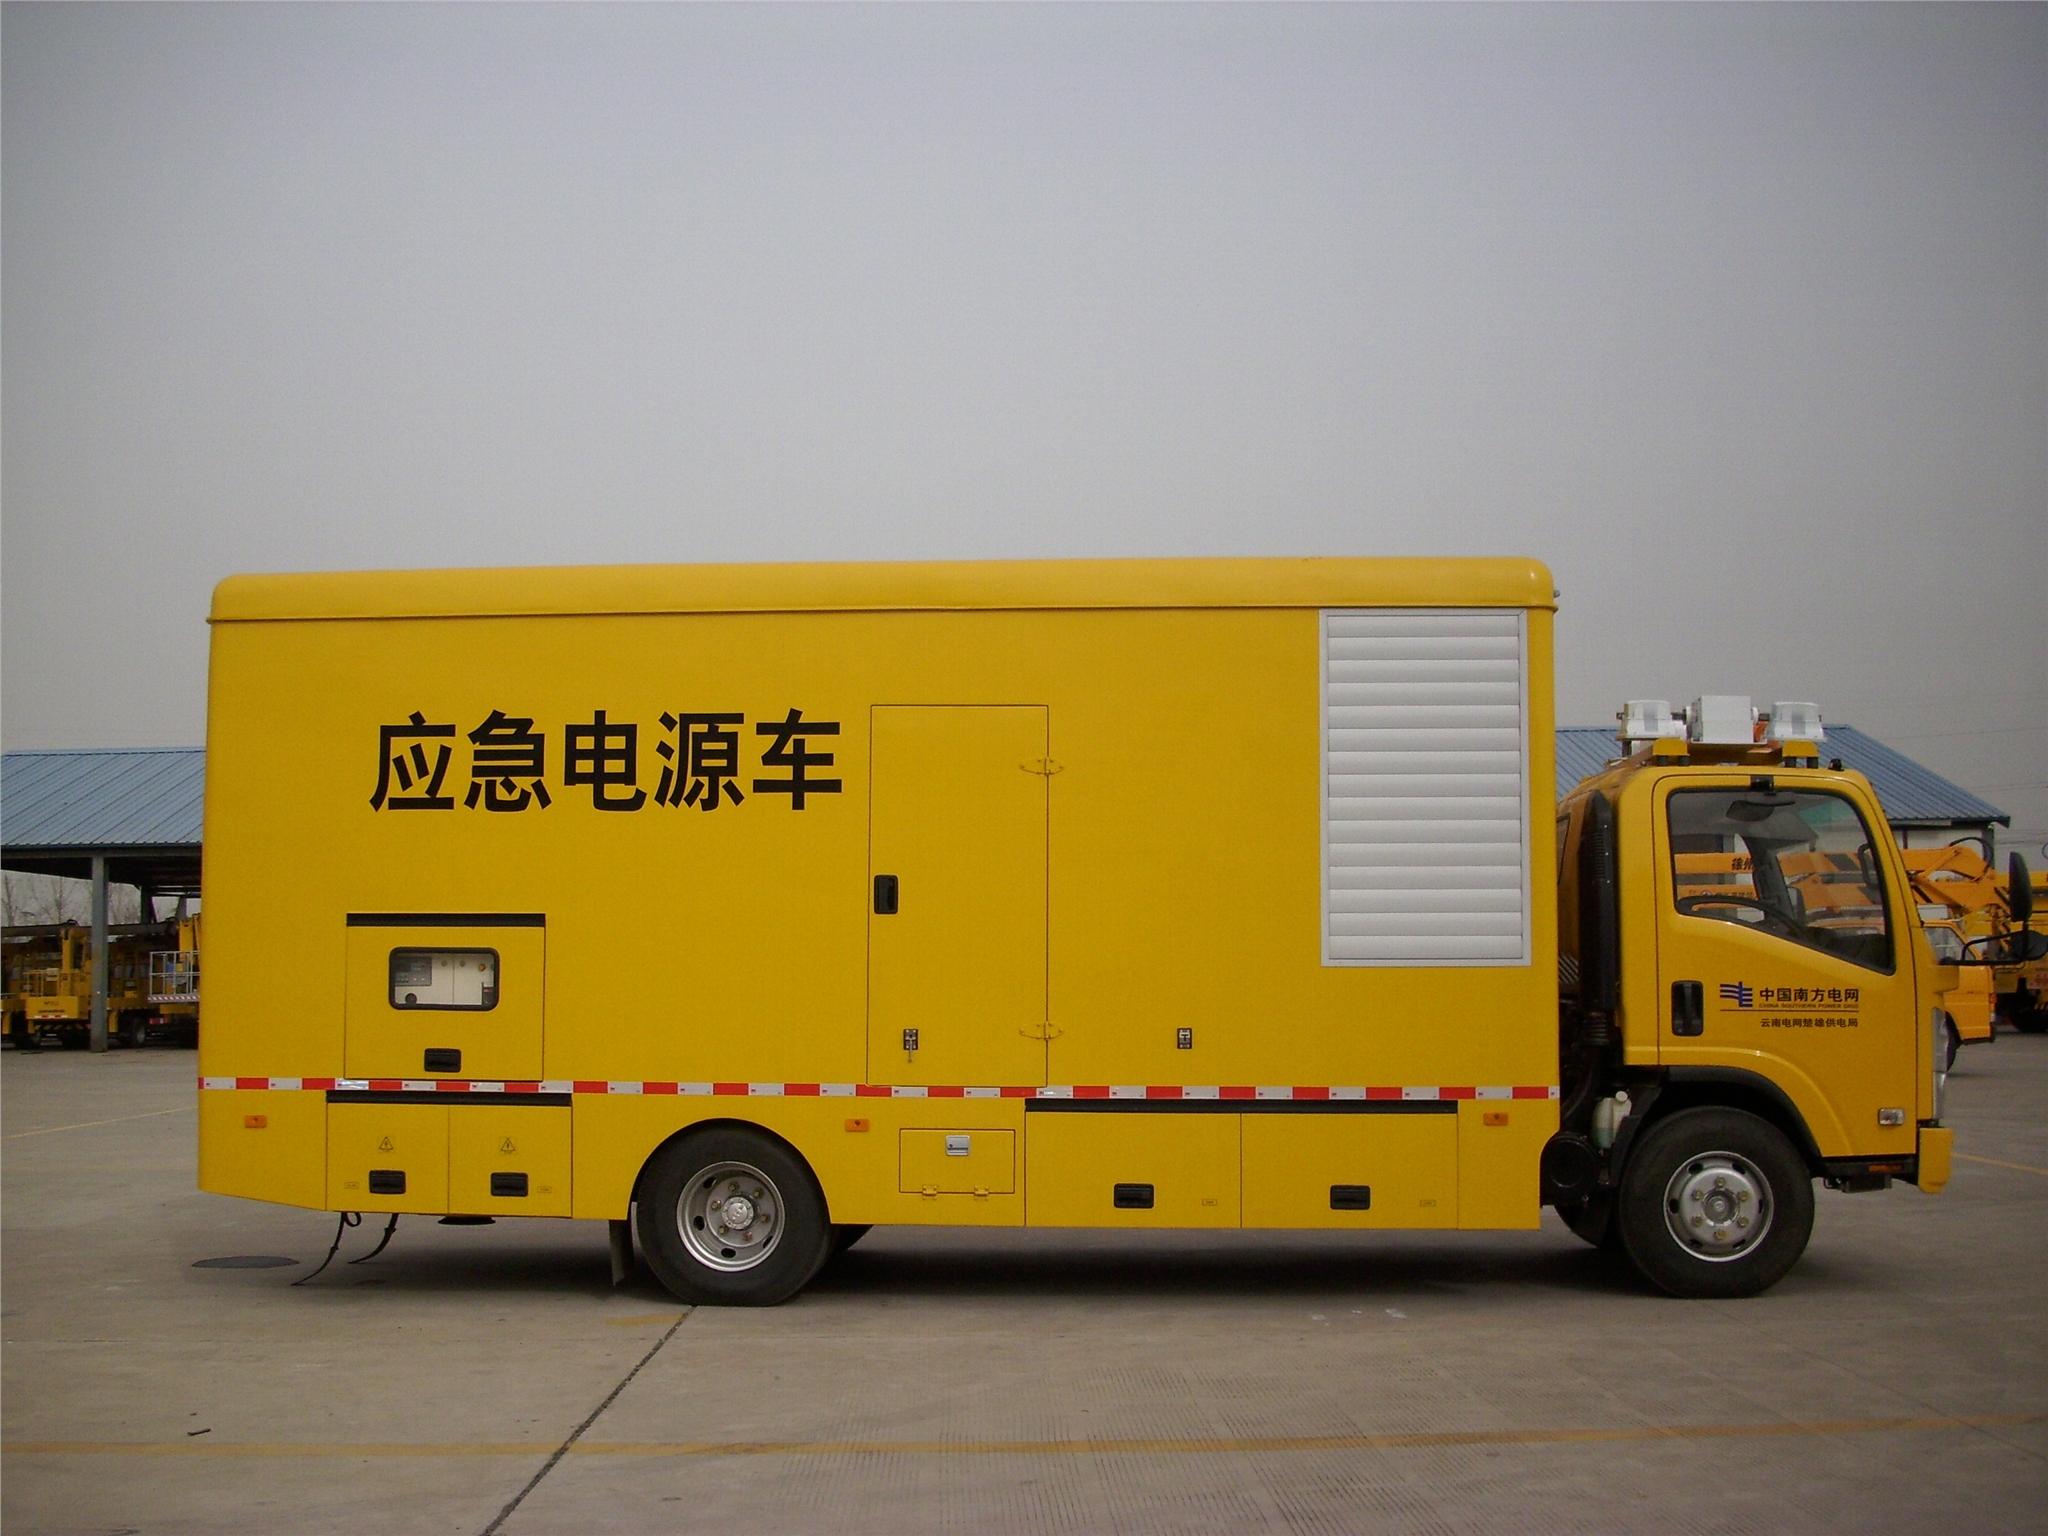 移動發電車100KW移動電源車廠家直銷